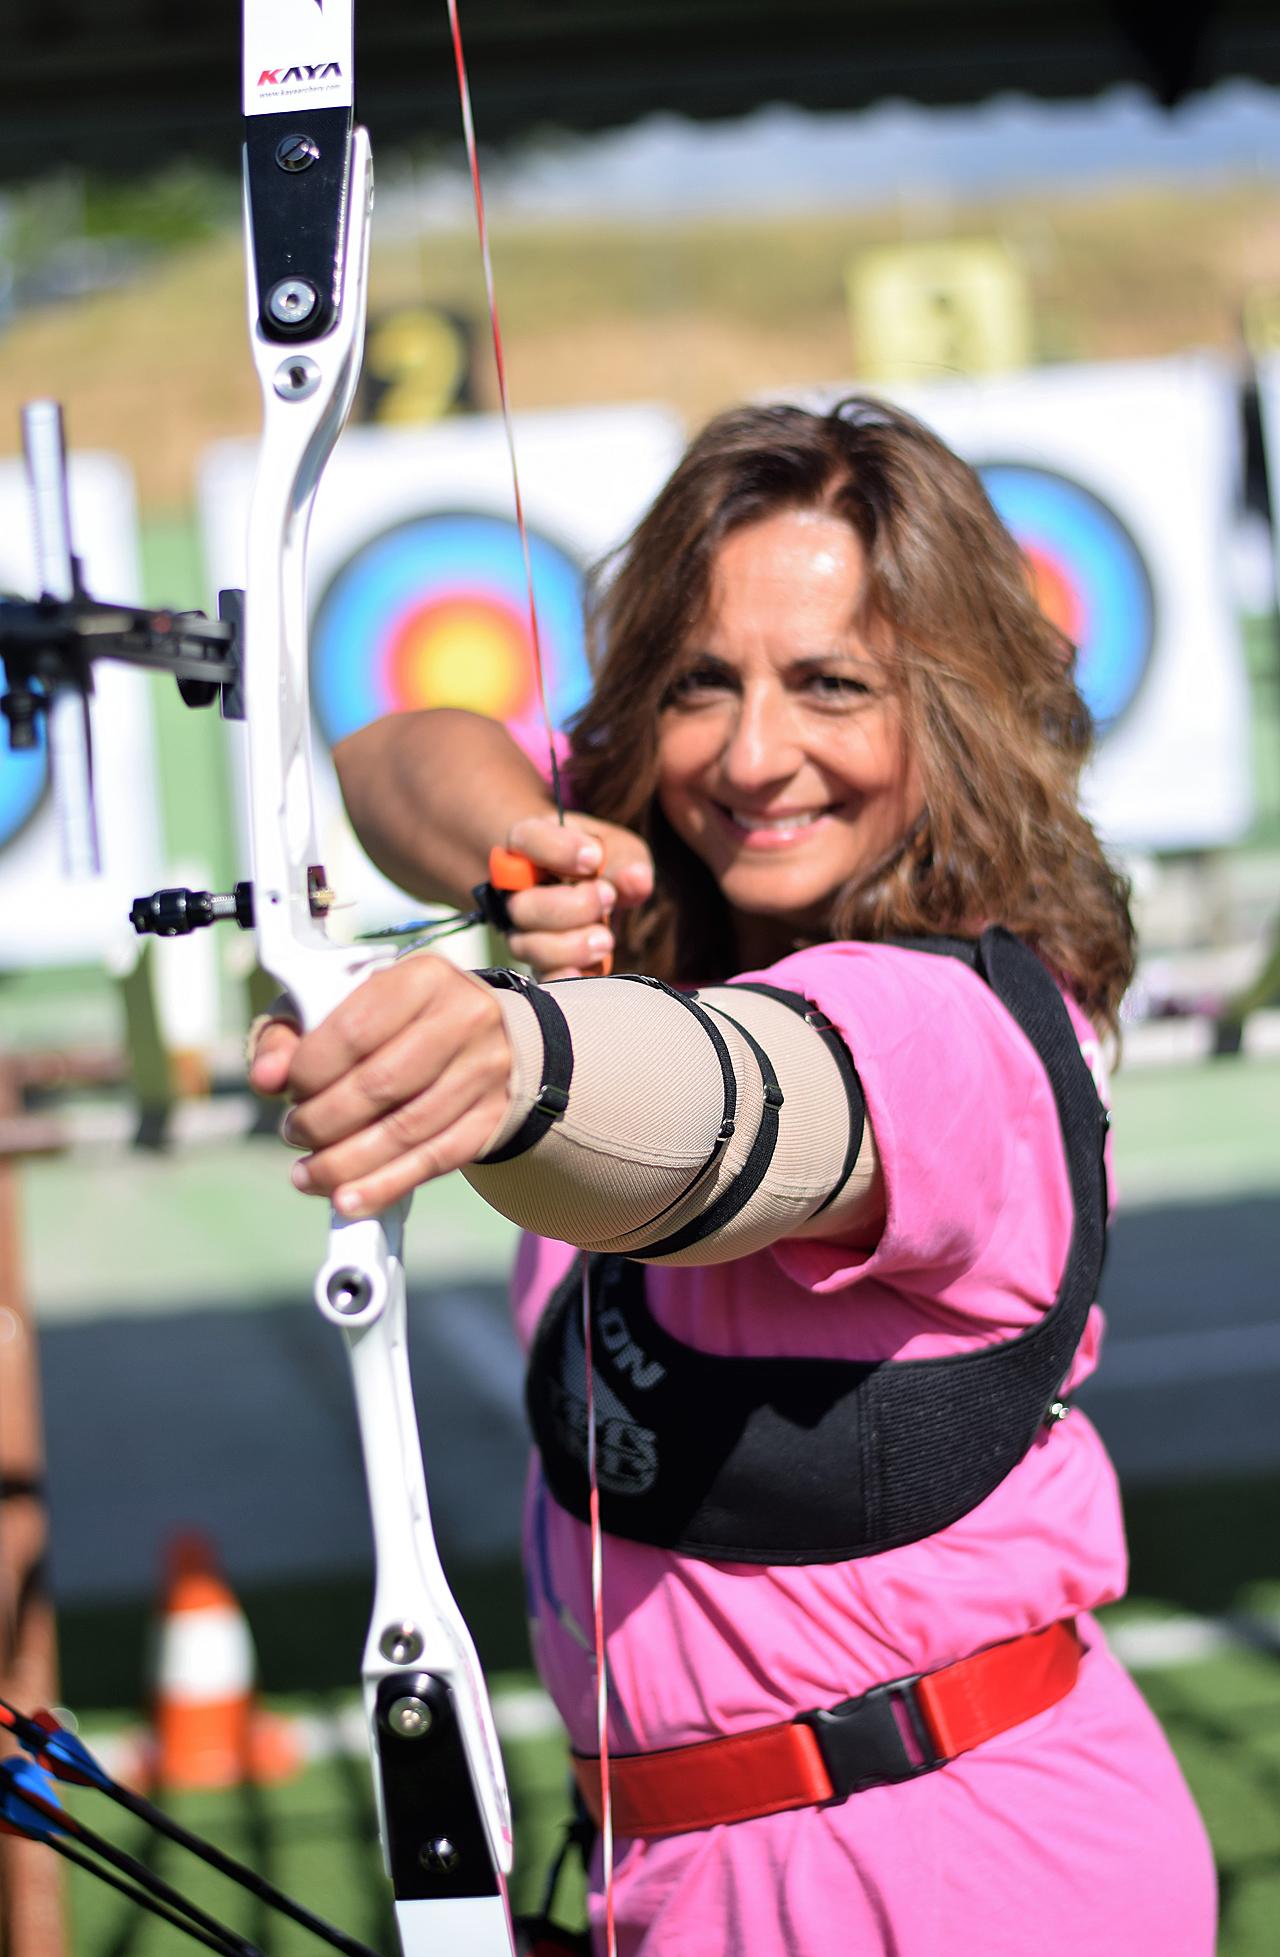 Un grupo de pacientes con cáncer de mama del Hospital Quirónsalud Madrid se ejercitan en tiro con arco para reducir las molestias asociadas al linfedema.